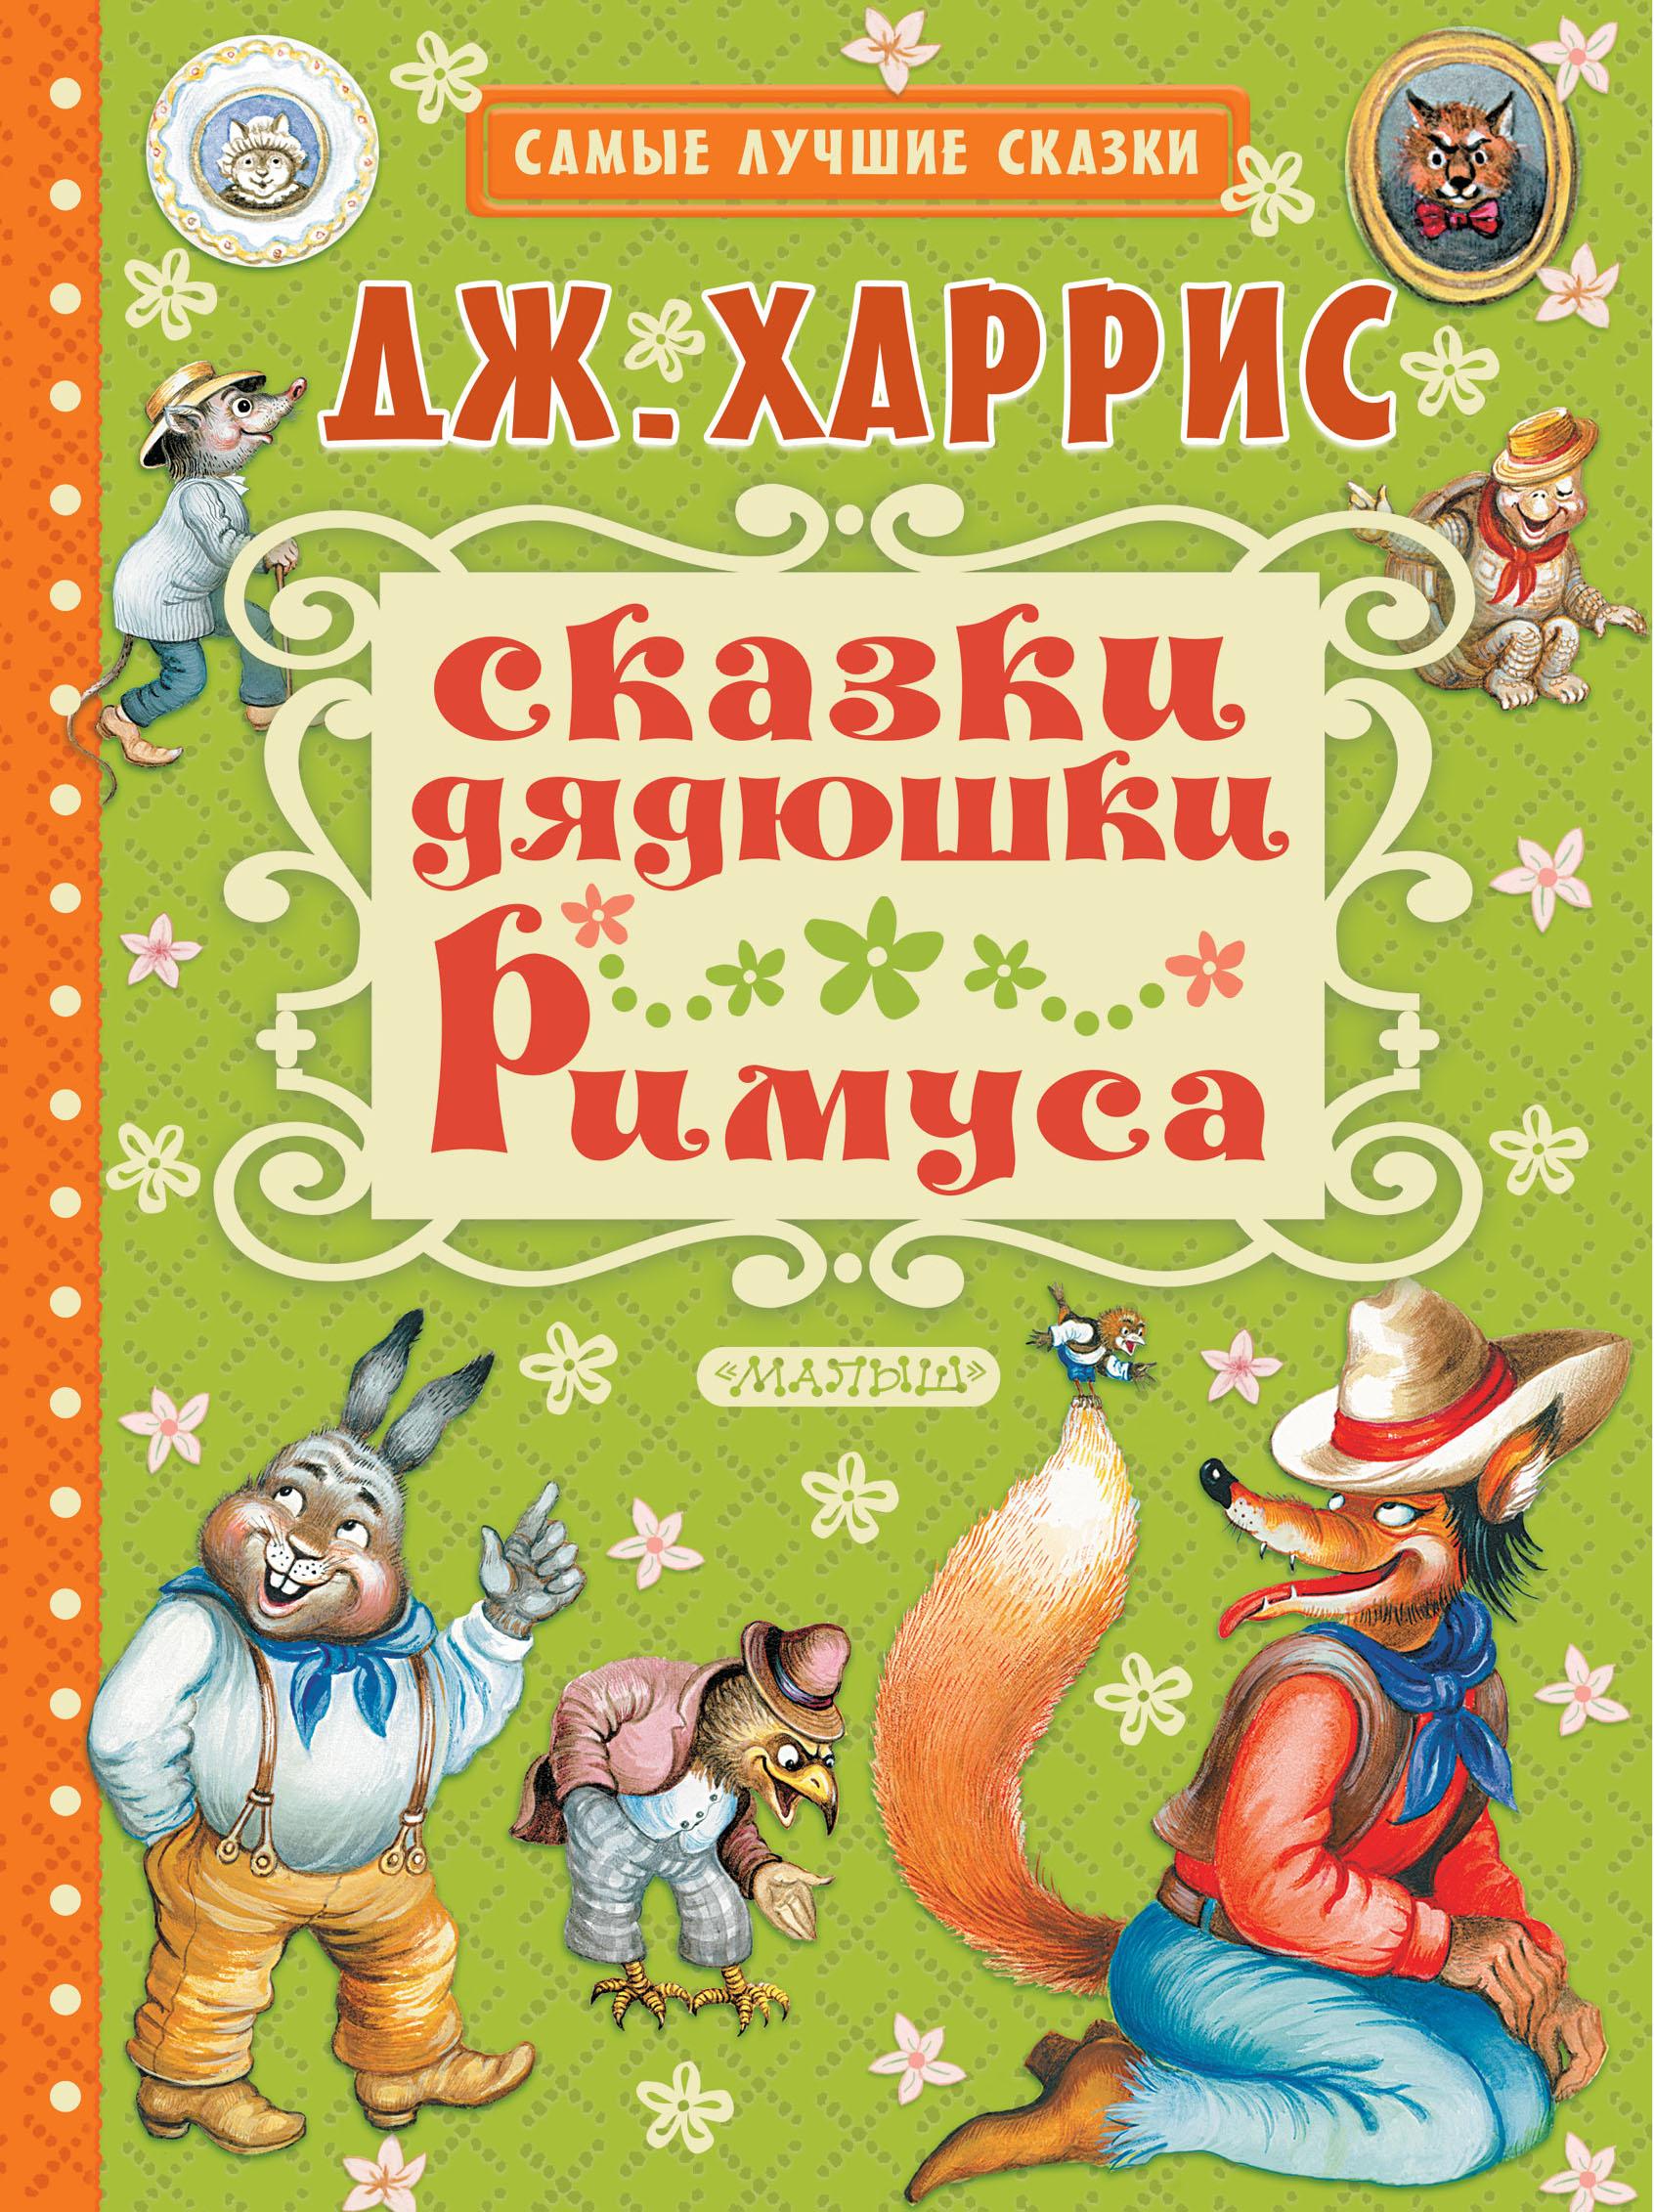 9785171025663 - Харрис Дж.: Сказки дядюшки Римуса - Книга